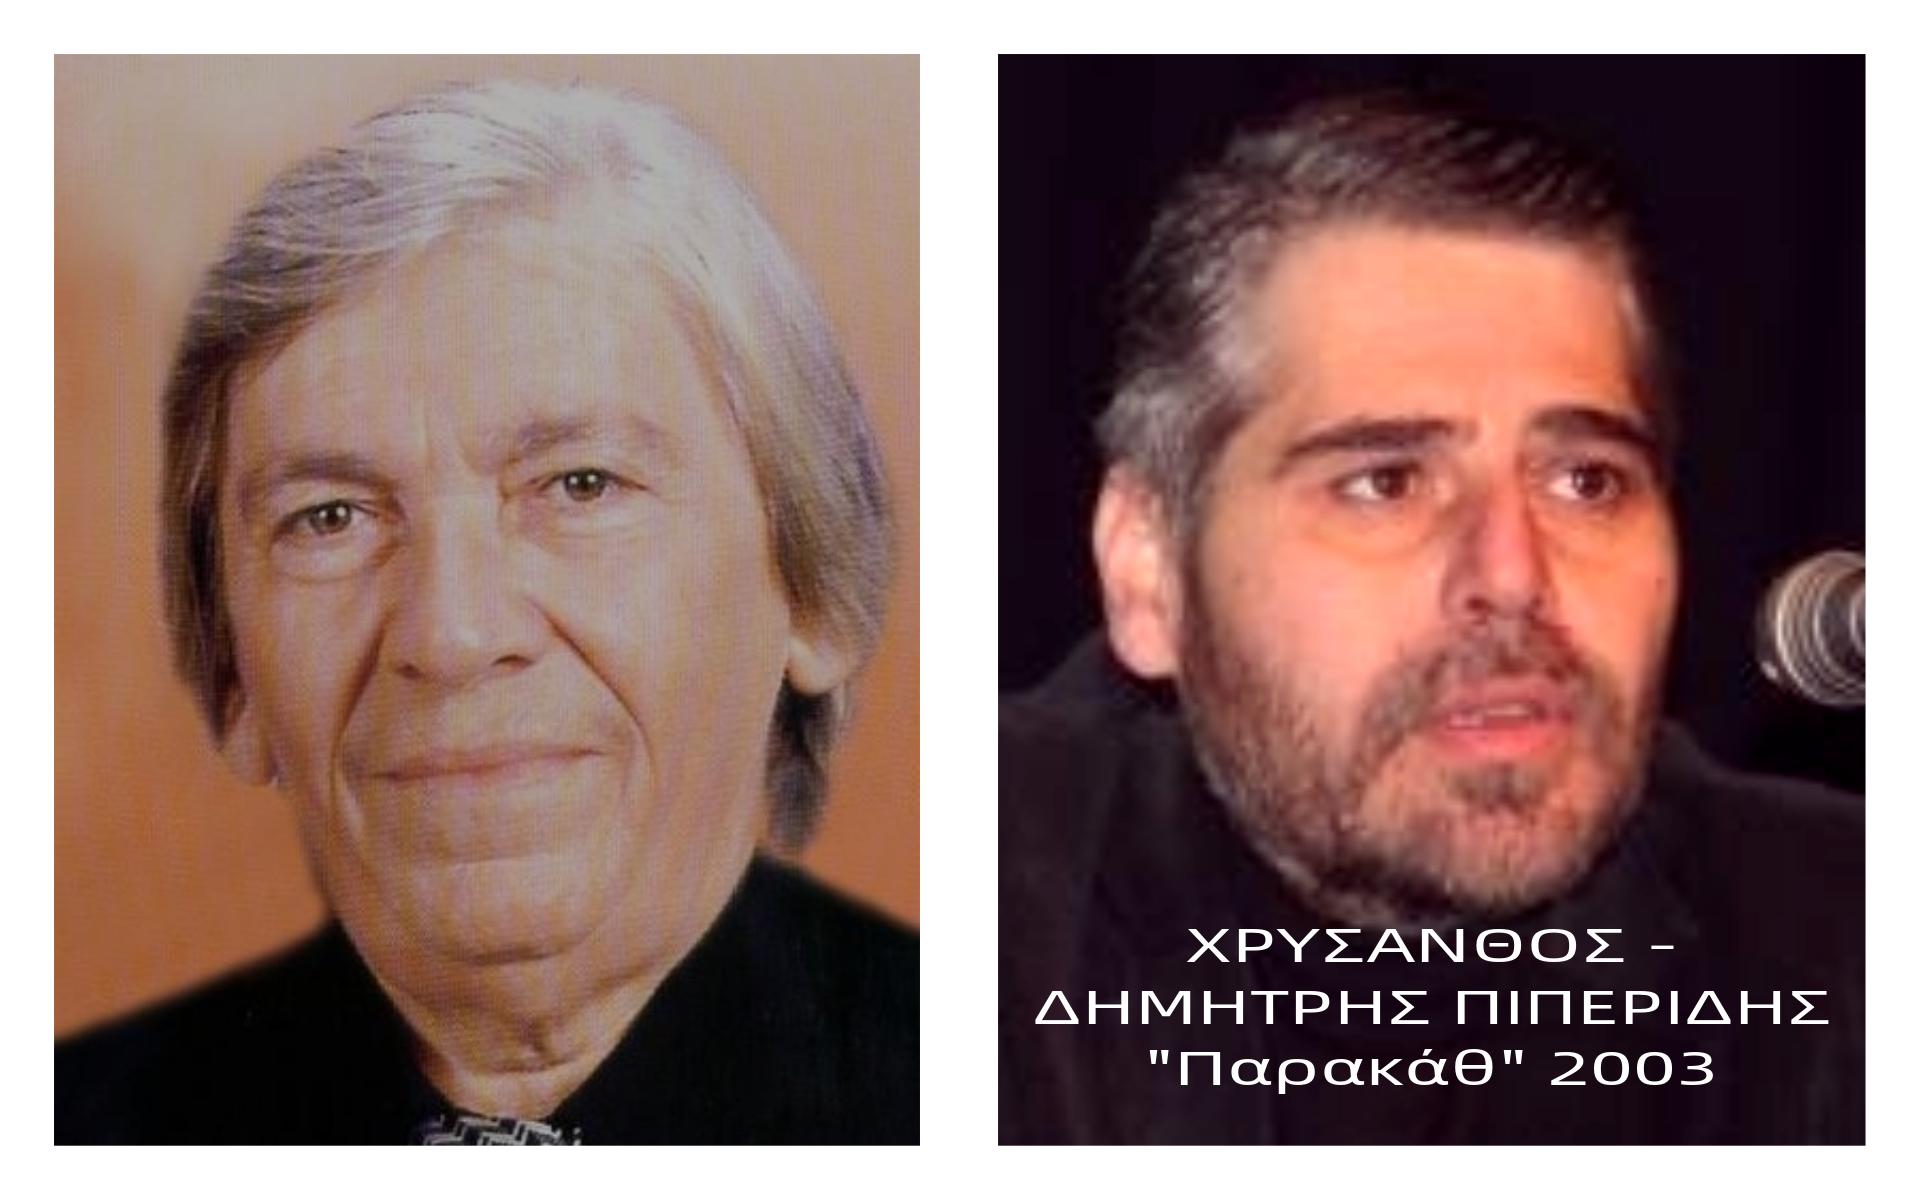 ΧΡΥΣΑΝΘΟΣ - ΔΗΜΗΤΡΗΣ ΠΙΠΕΡΙΔΗΣ